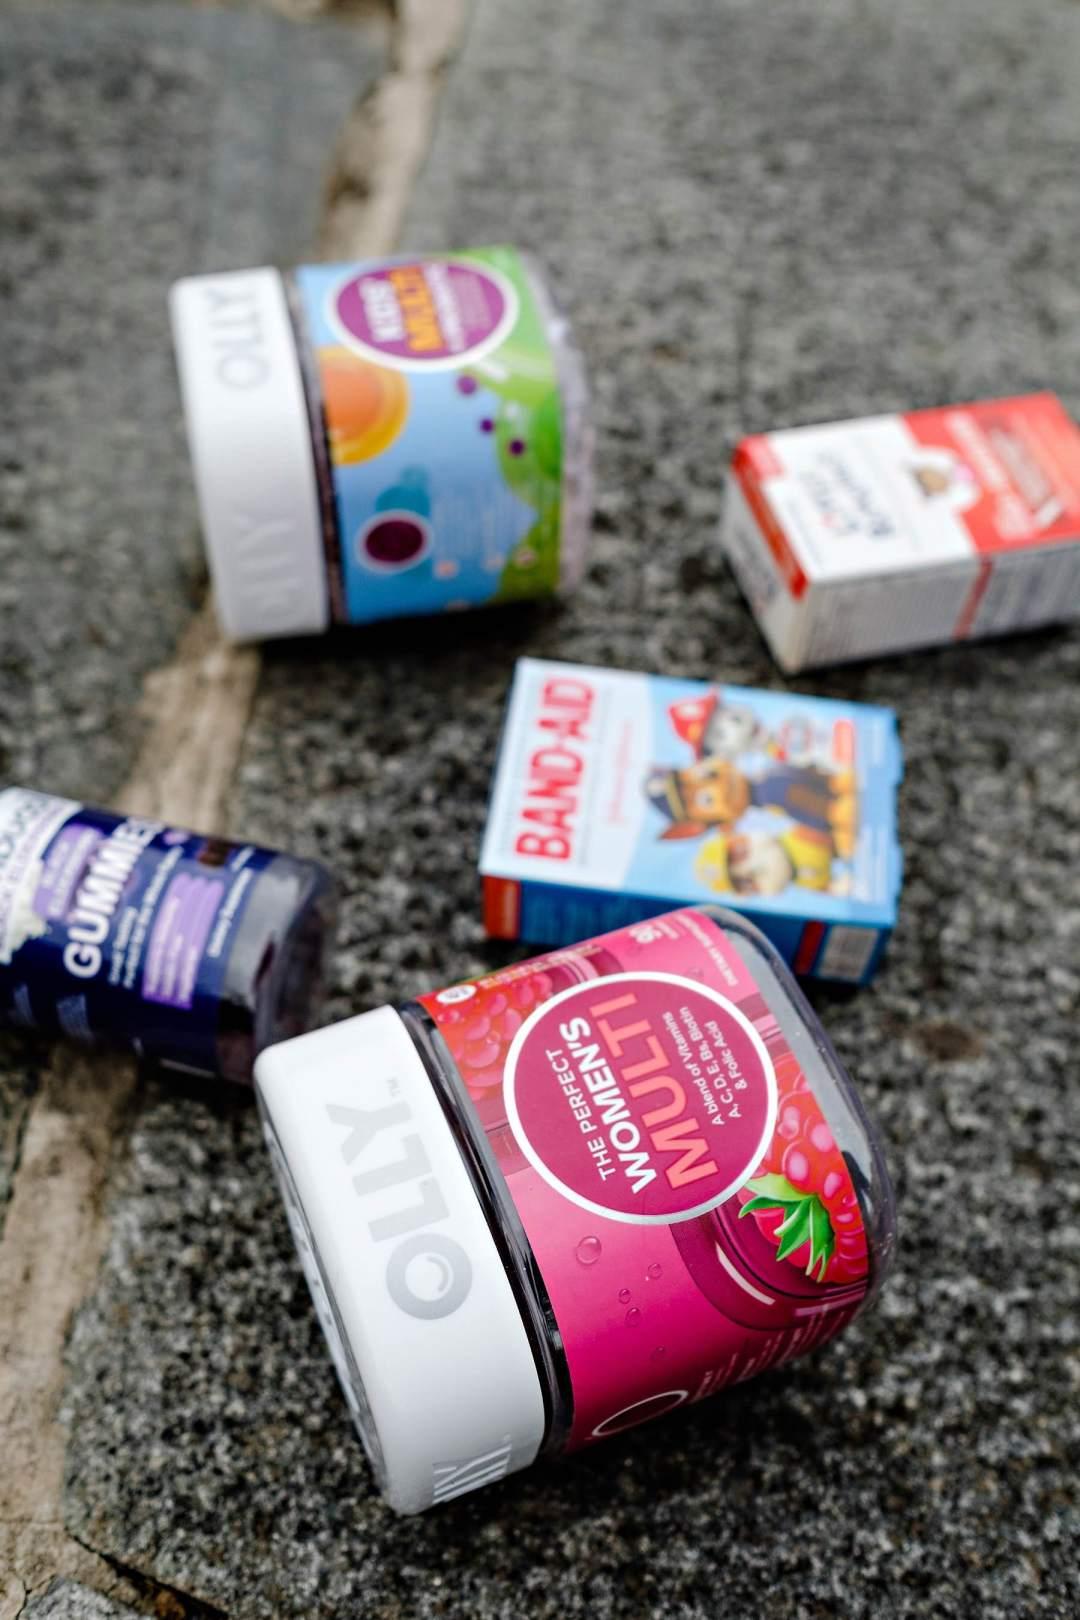 diaper bag essentials for travel - Travel Diaper Bag Essentials by Atlanta mom blogger Happily Hughes